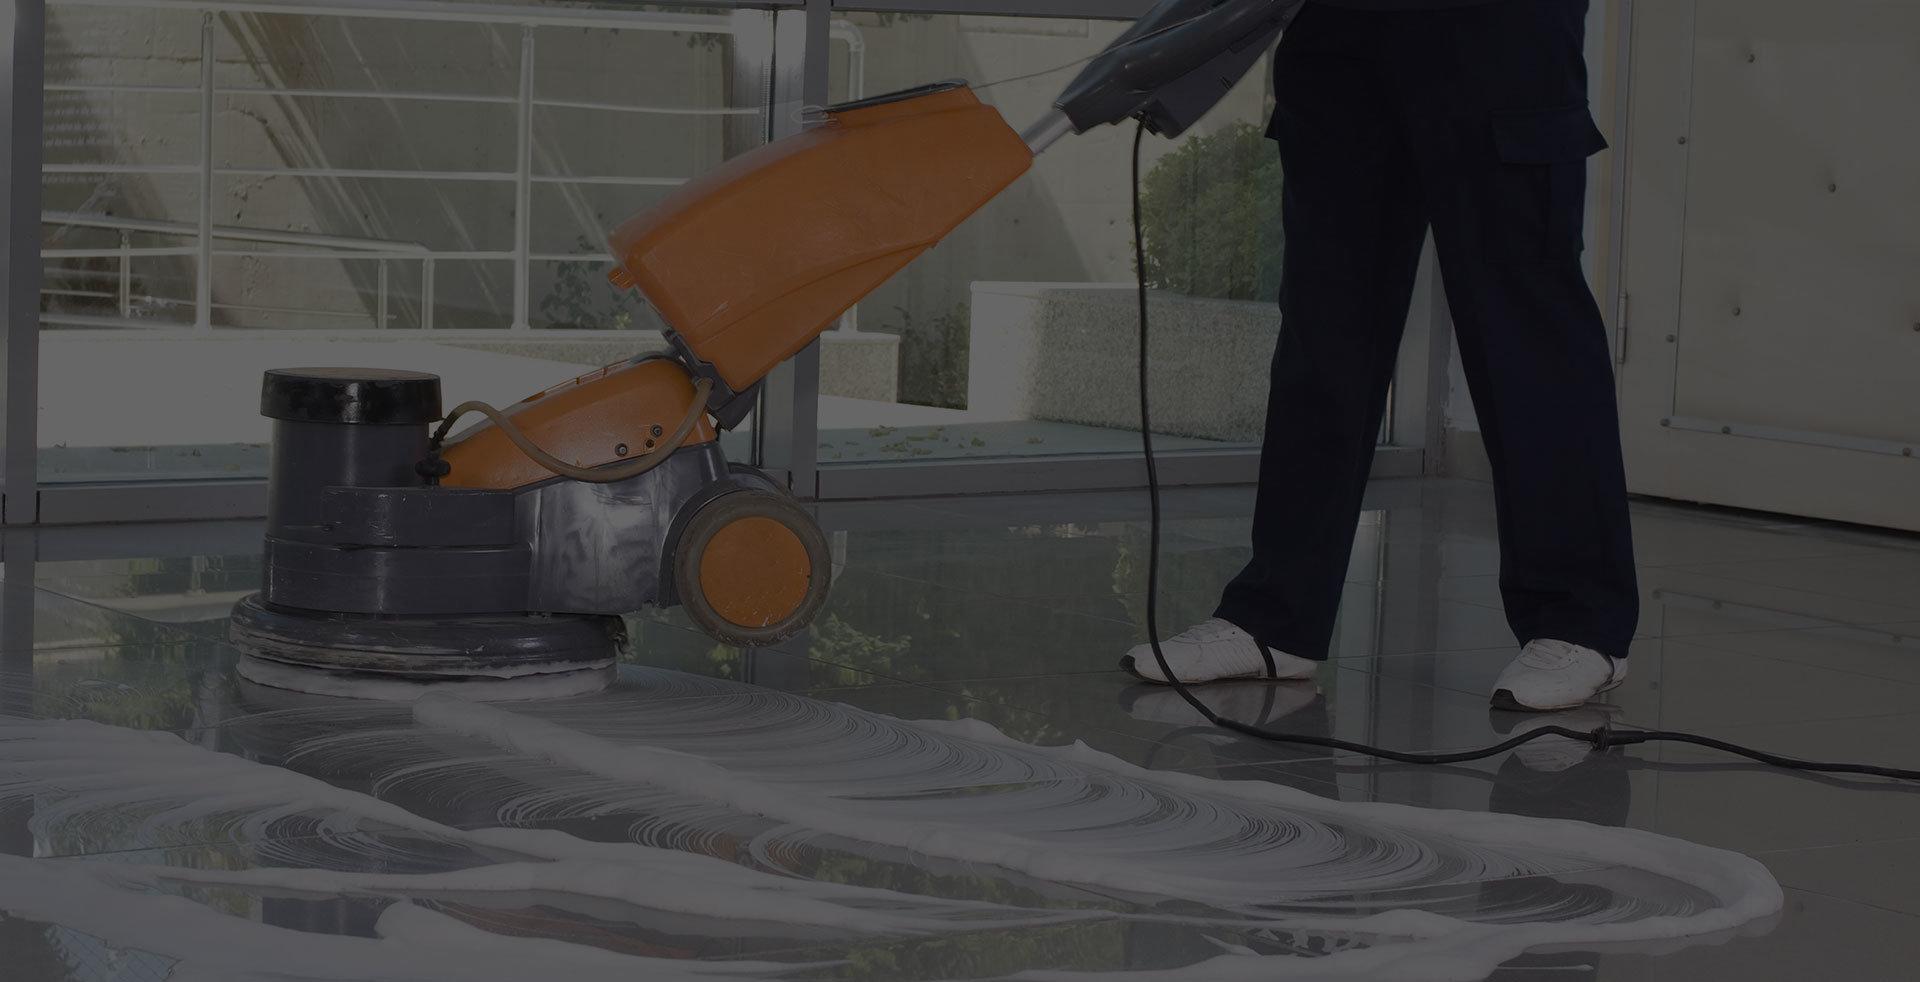 floor-waxing-banner